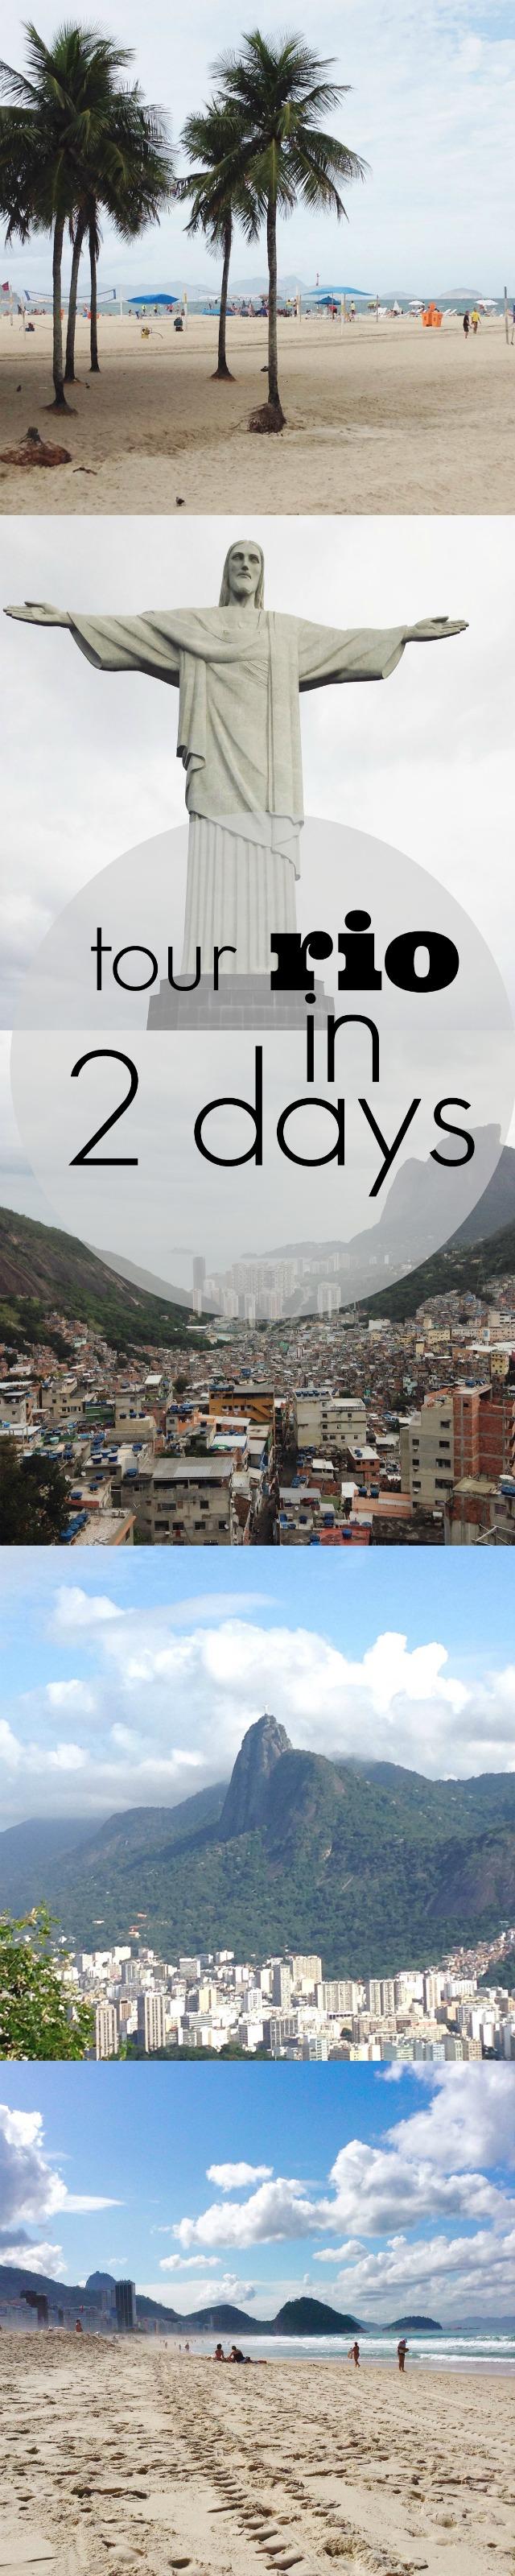 day tour of rio de janeiro, rio brazil trip